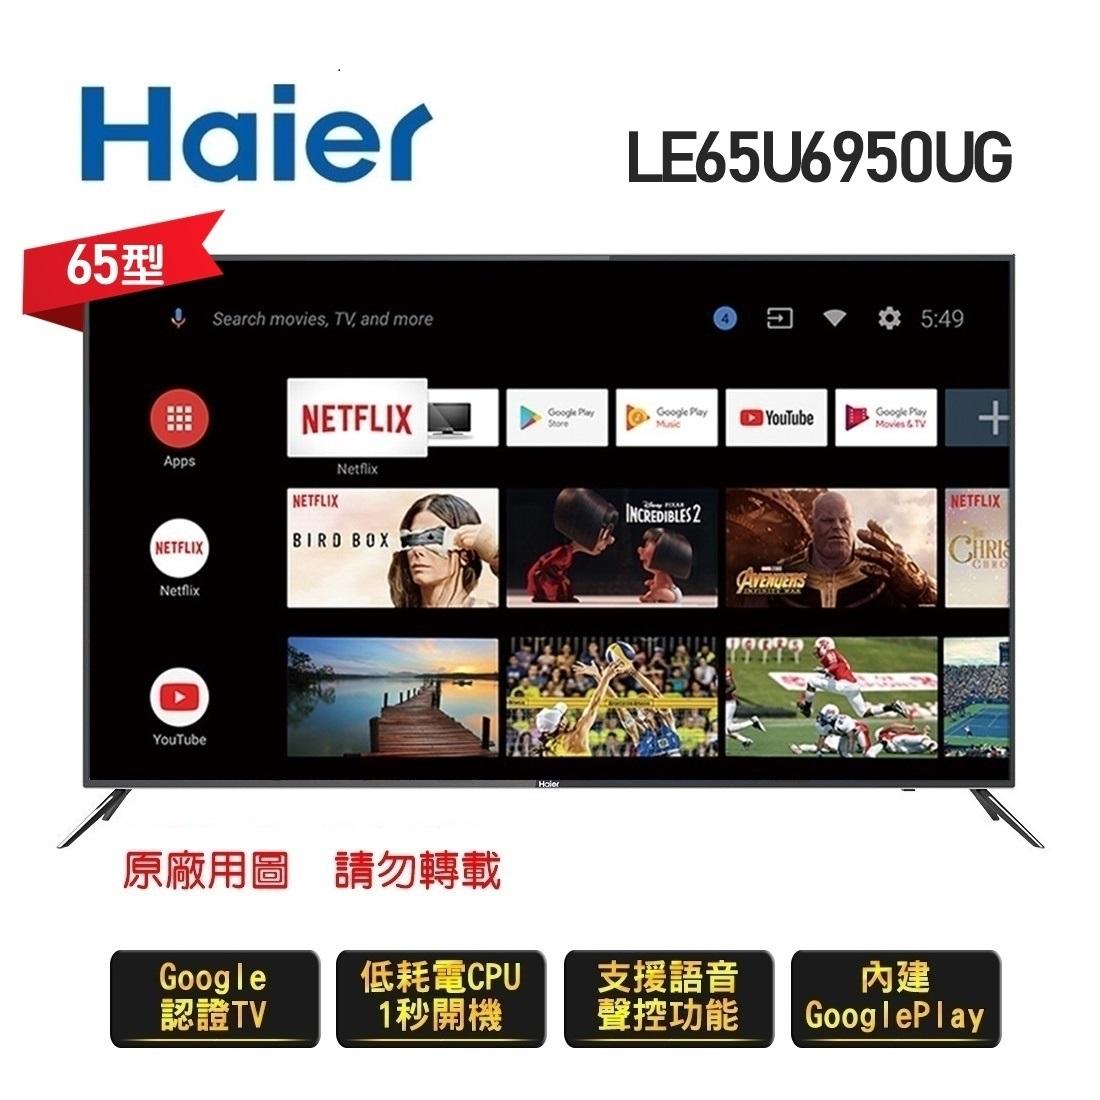 ★送基本安裝★【Haier 海爾】65吋 真Android TV 4K HDR連網聲控液晶電視 LE65U6950UG